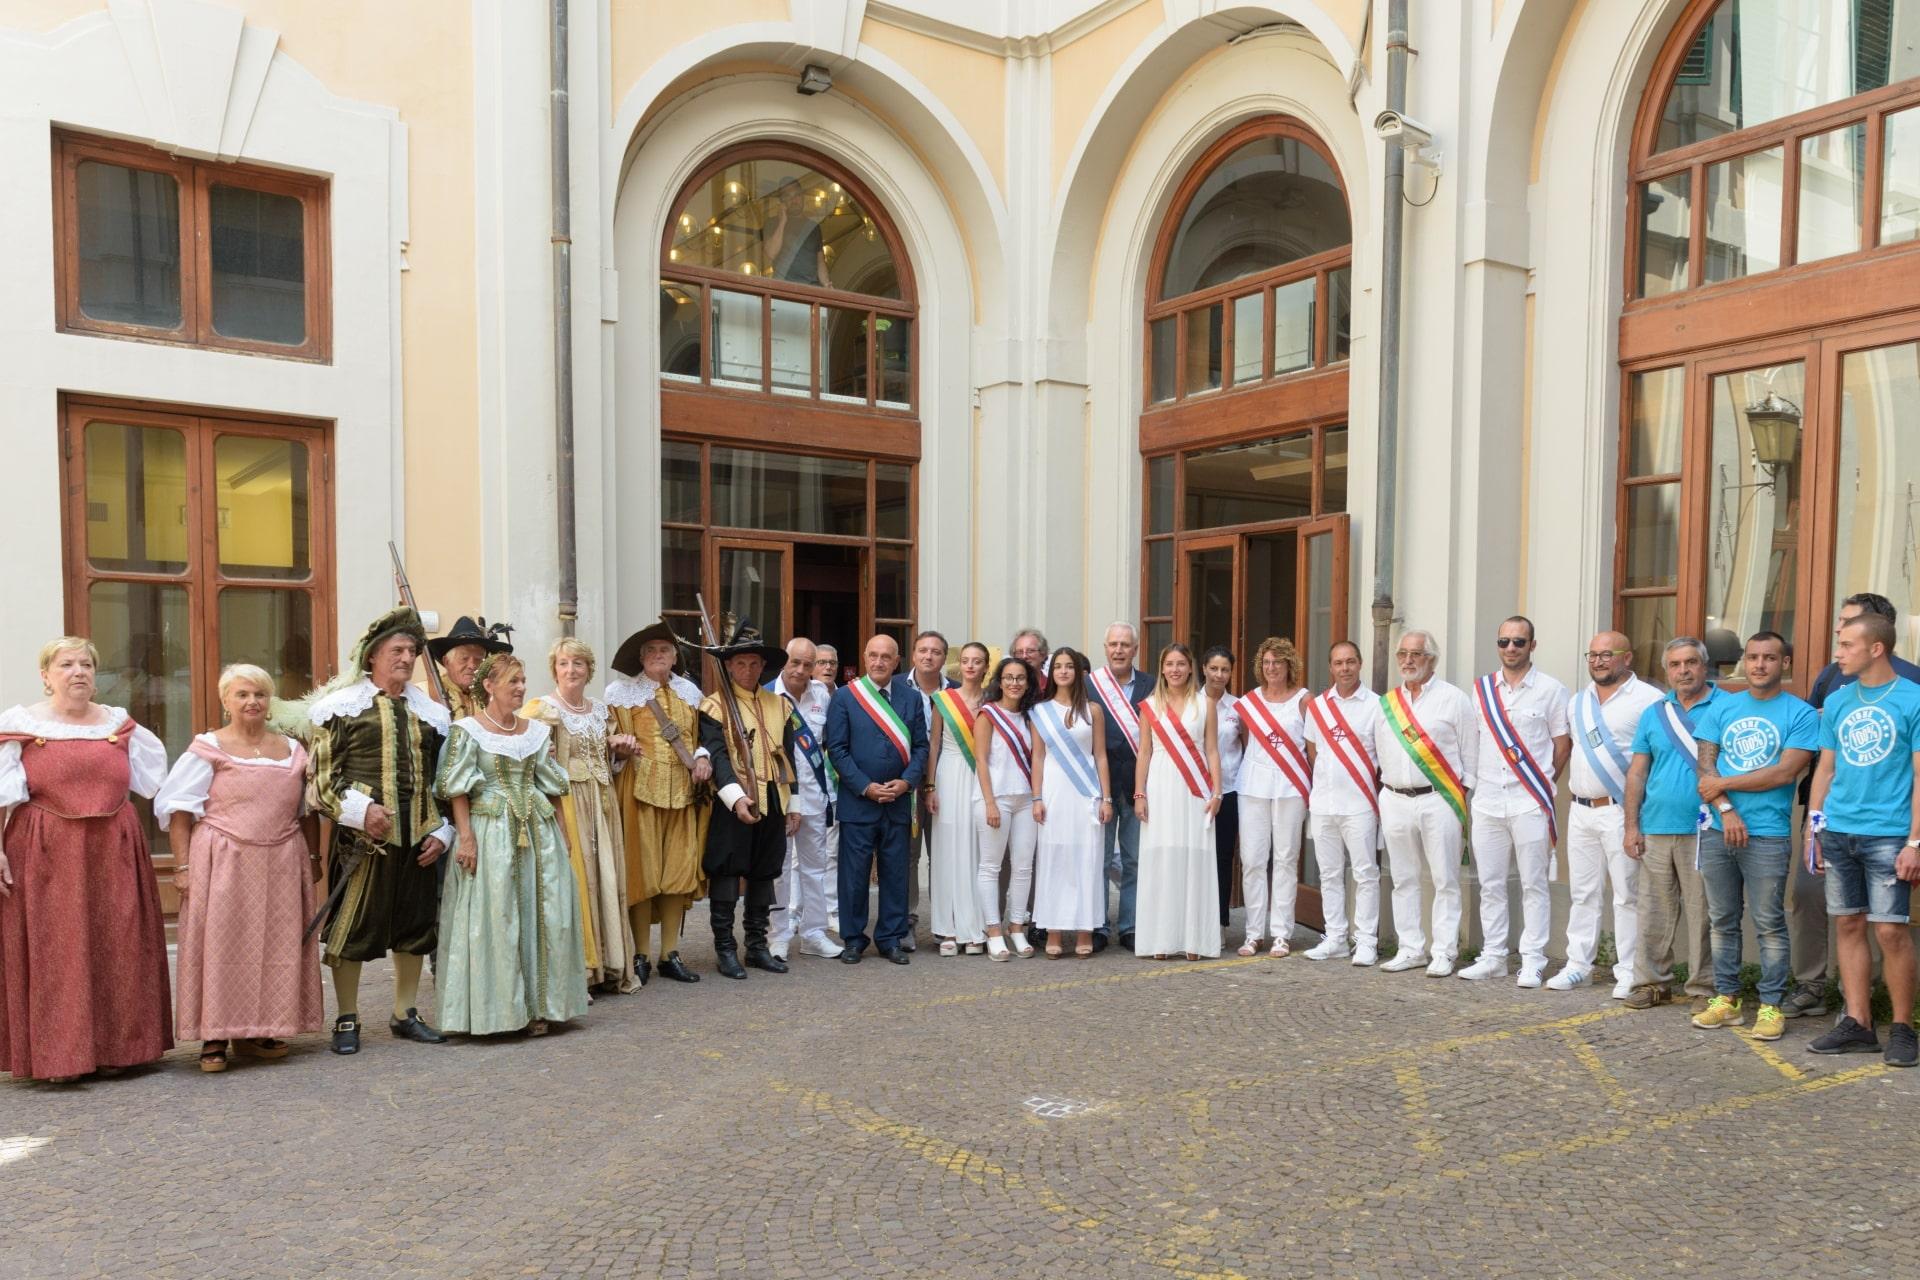 Il corteo storico ricevuto in Consiglio Regionale